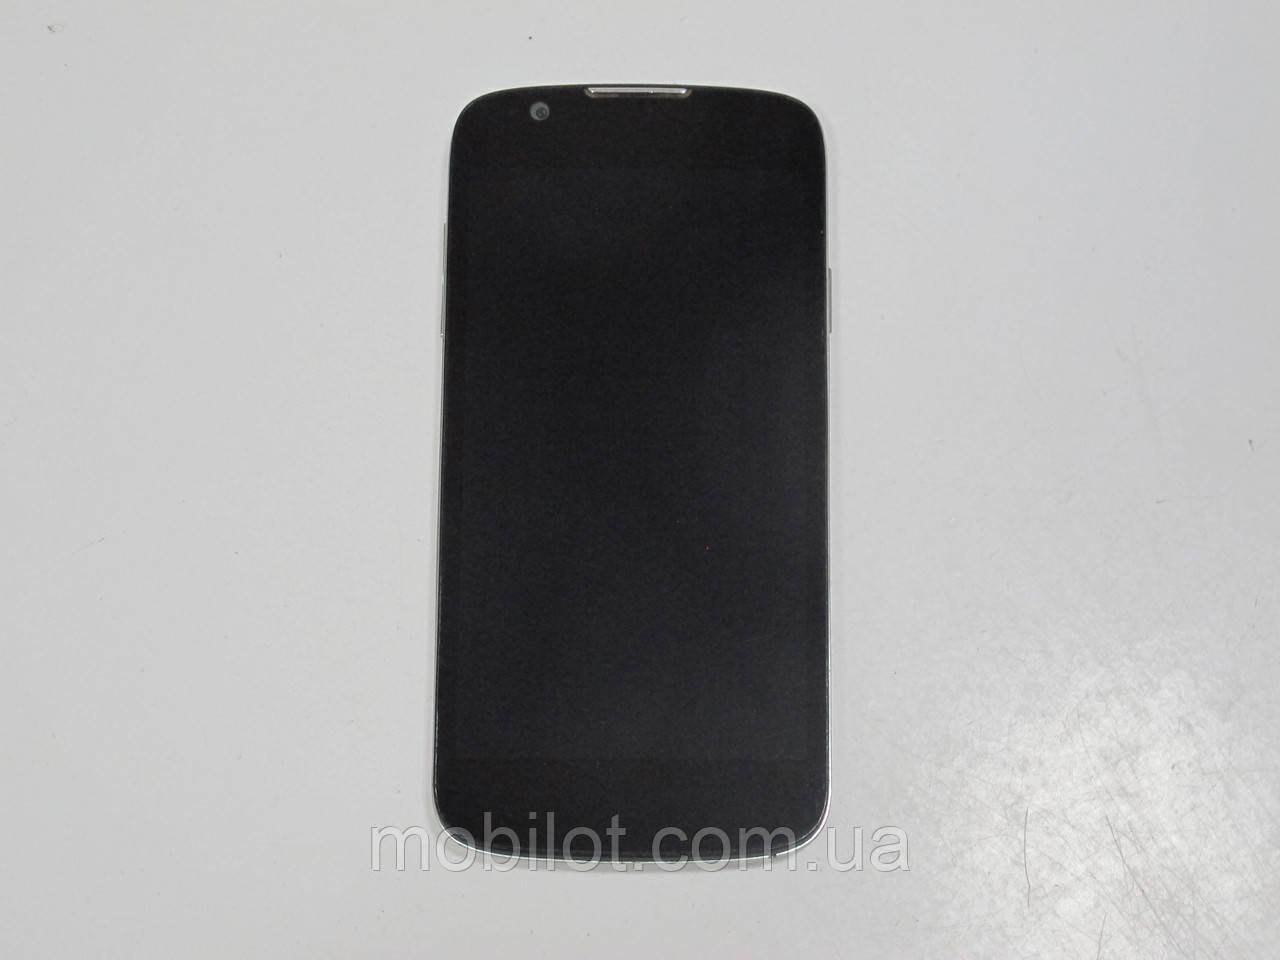 Мобильный телефон Fly IQ4413 Quad (TZ-7006)